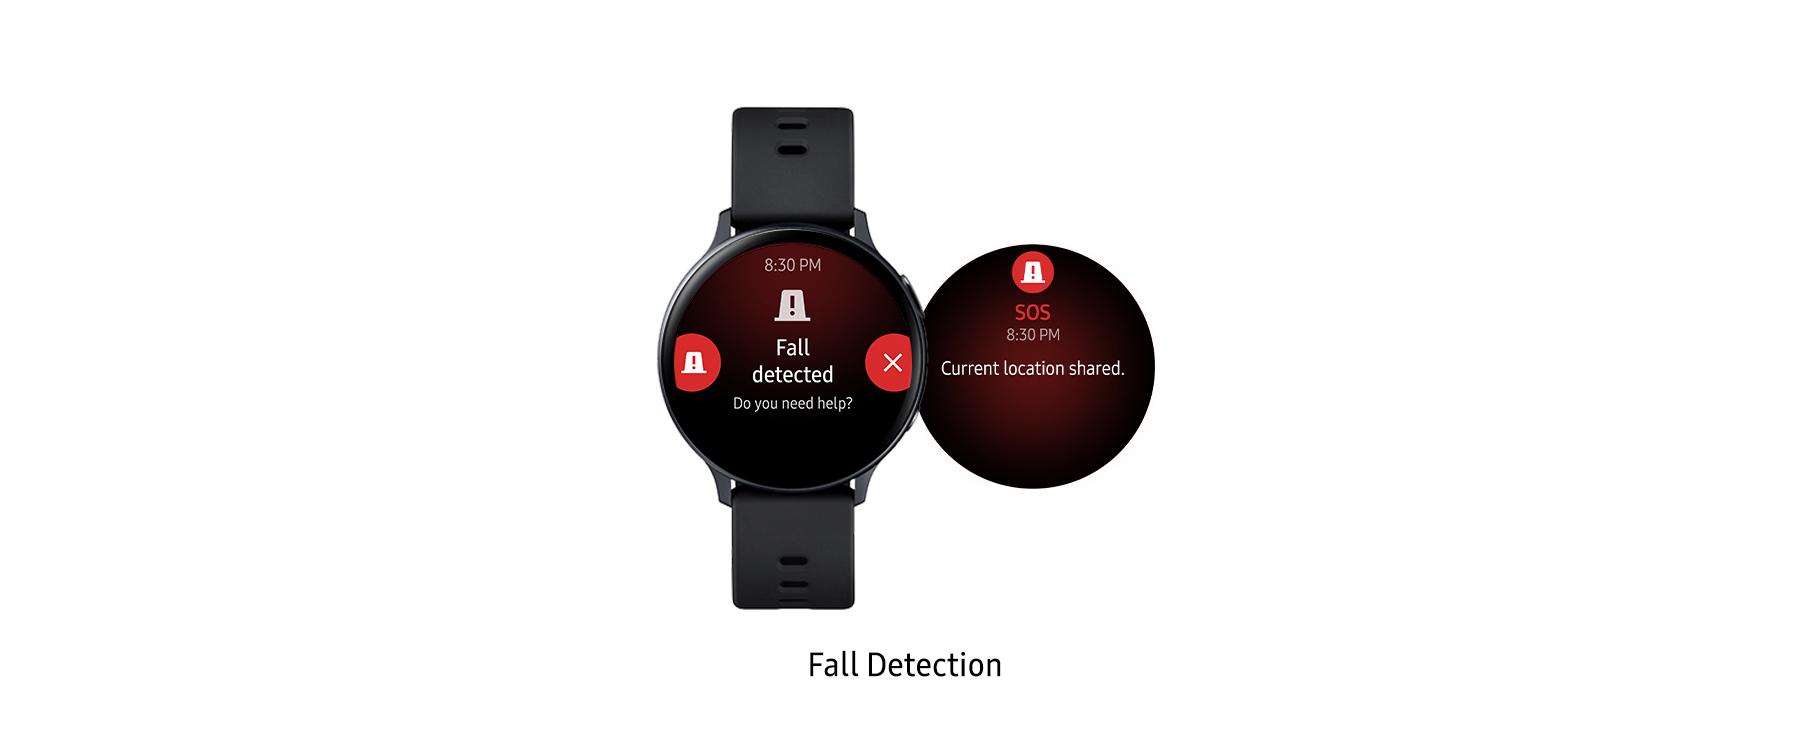 fall detected